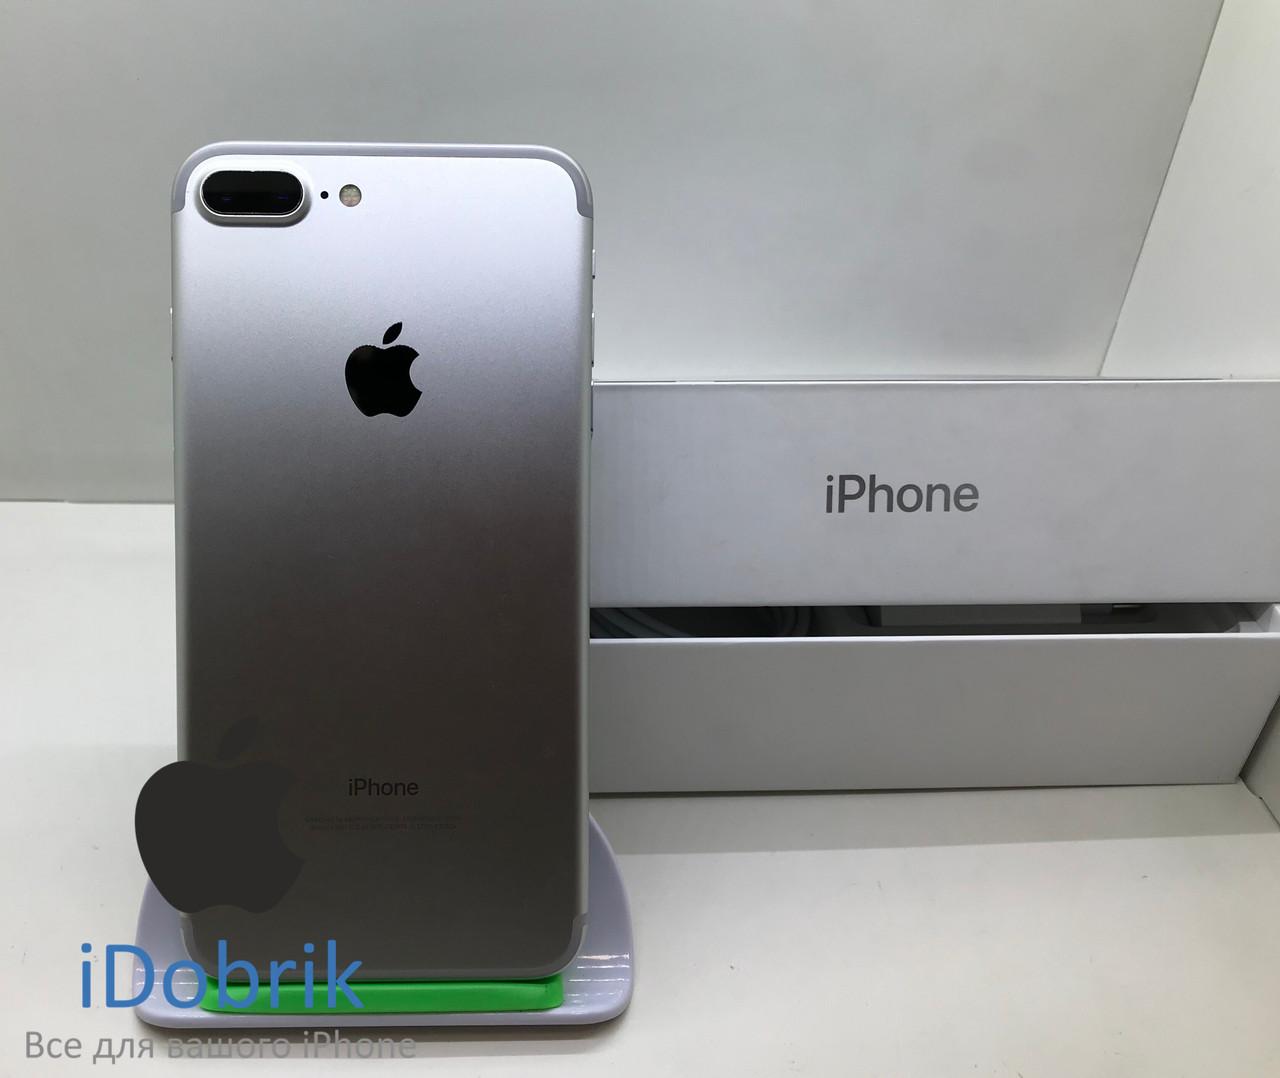 Б/У iPhone 7 Plus 256gb Silver Neverlock 9/10